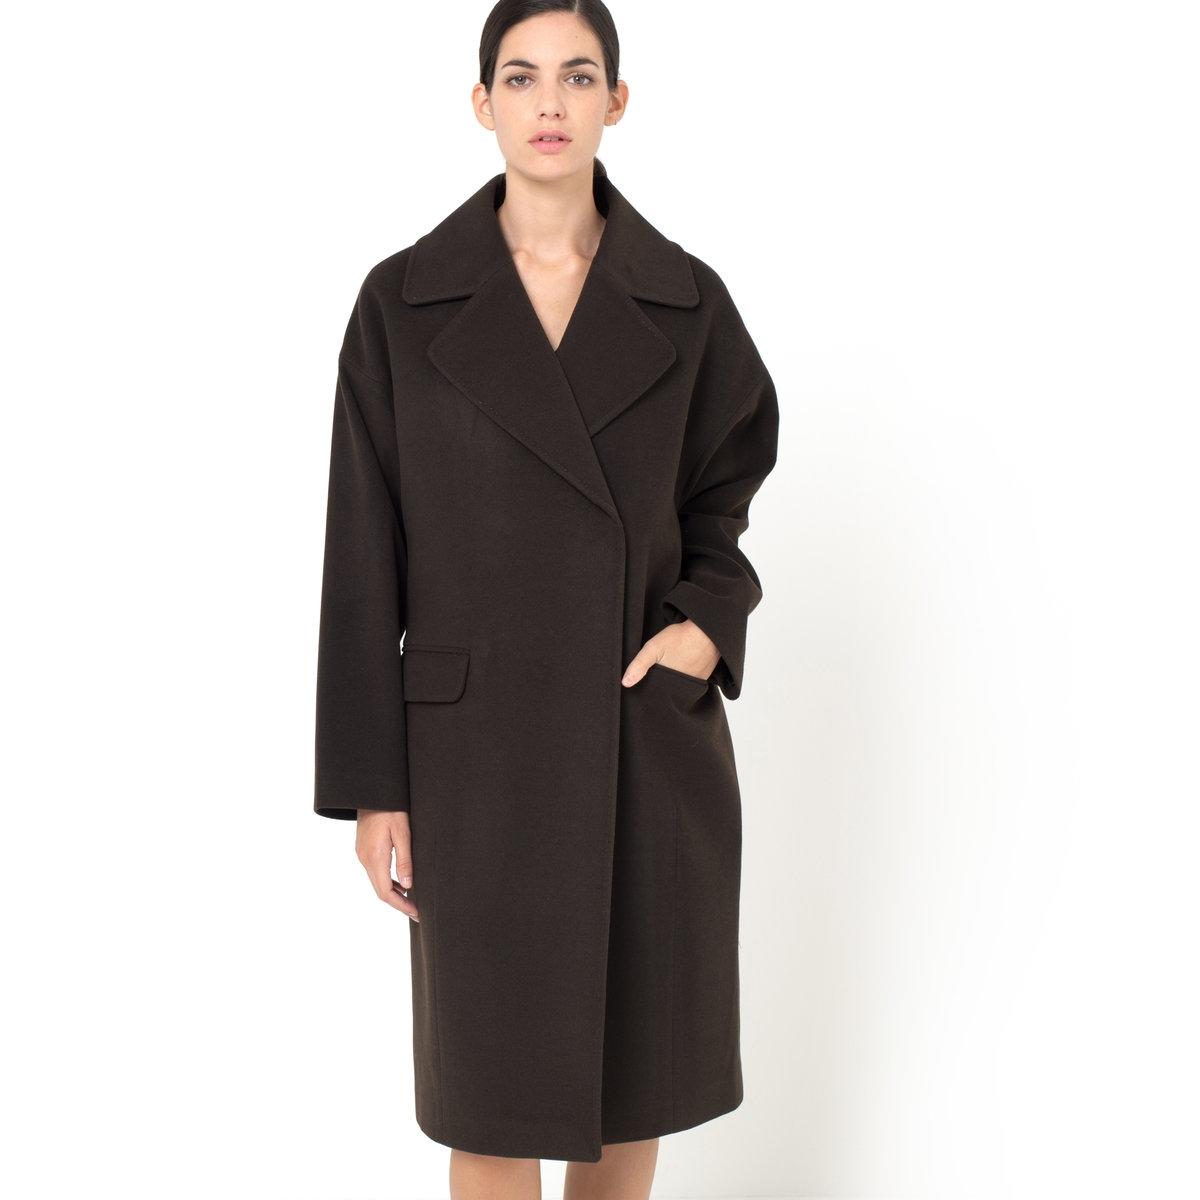 Пальто большого размераПальто большого размера. 80% шерсти, 20% полиэстера. На подкладке из 100% полиэстера. Застежка на пуговицы-кнопки спереди. Приспущенные плечевые швы. 2 кармана. Длина 106 см.<br><br>Цвет: каштановый<br>Размер: 34 (FR) - 40 (RUS)